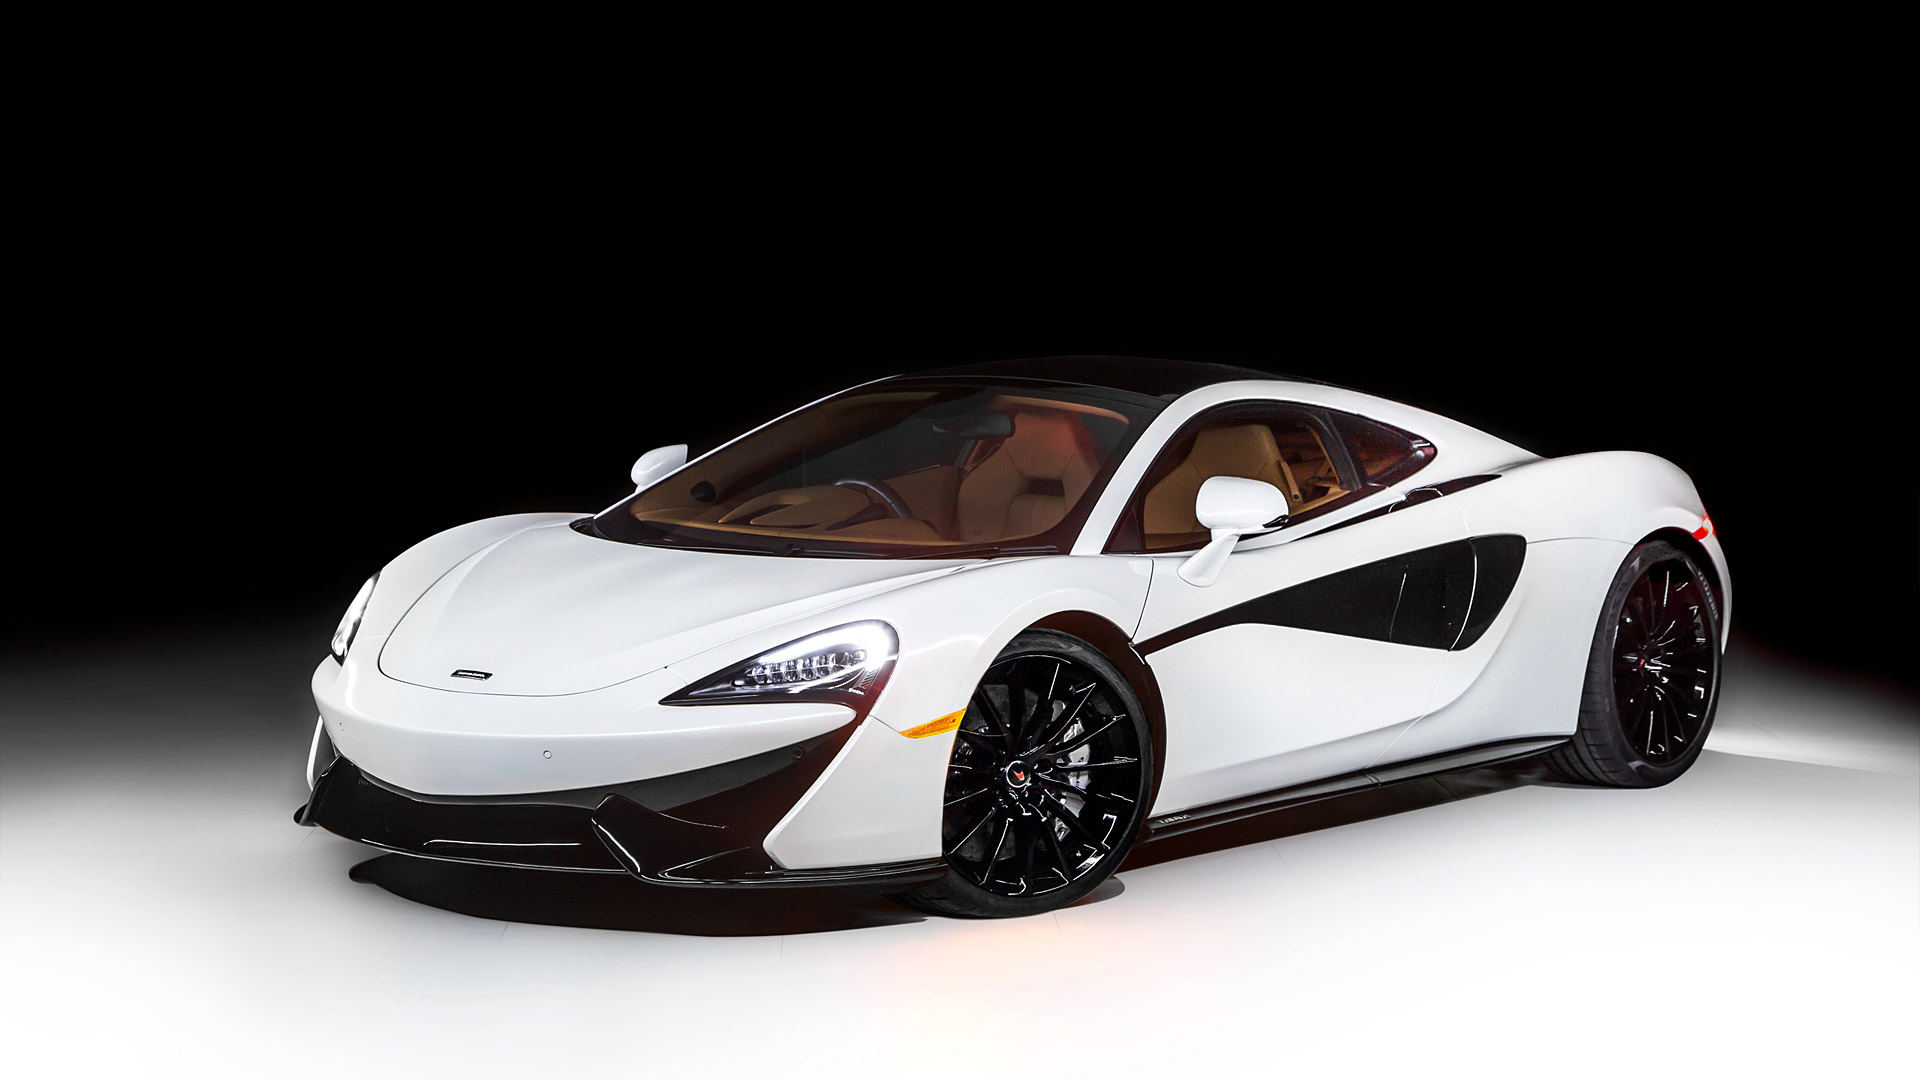 2016 McLaren 570GT MSO Concept